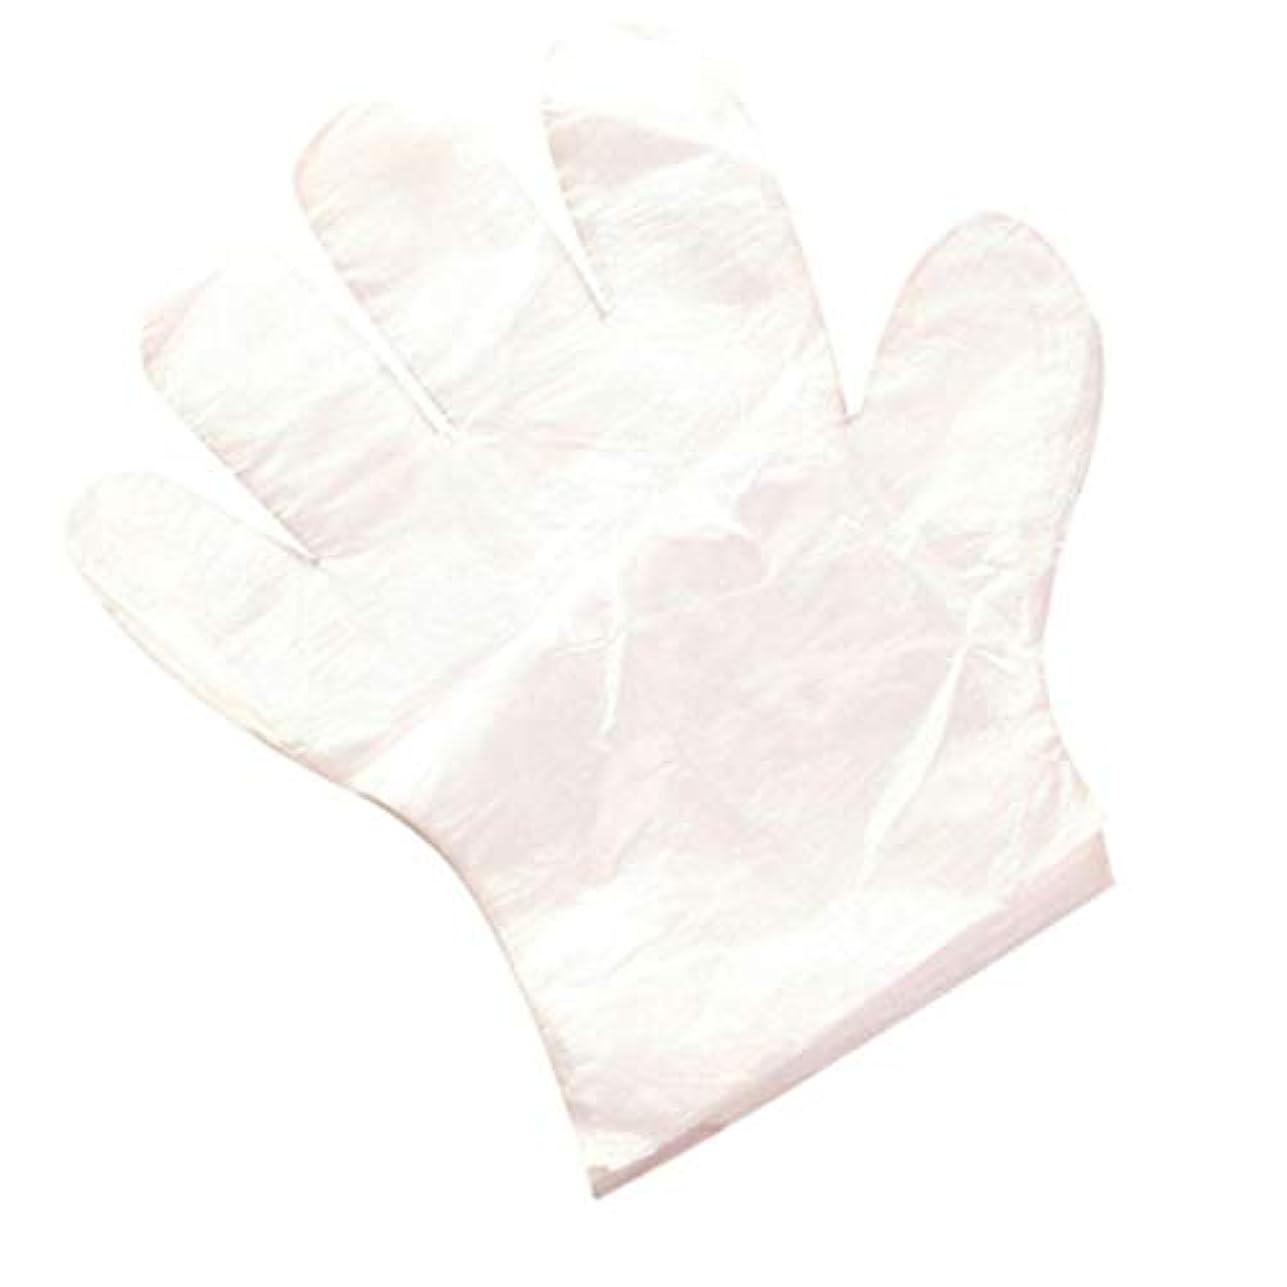 取り出すあなたのもの空気家庭用家庭の清掃および衛生用使い捨て手袋を食べる使い捨て手袋 (UnitCount : 500only)